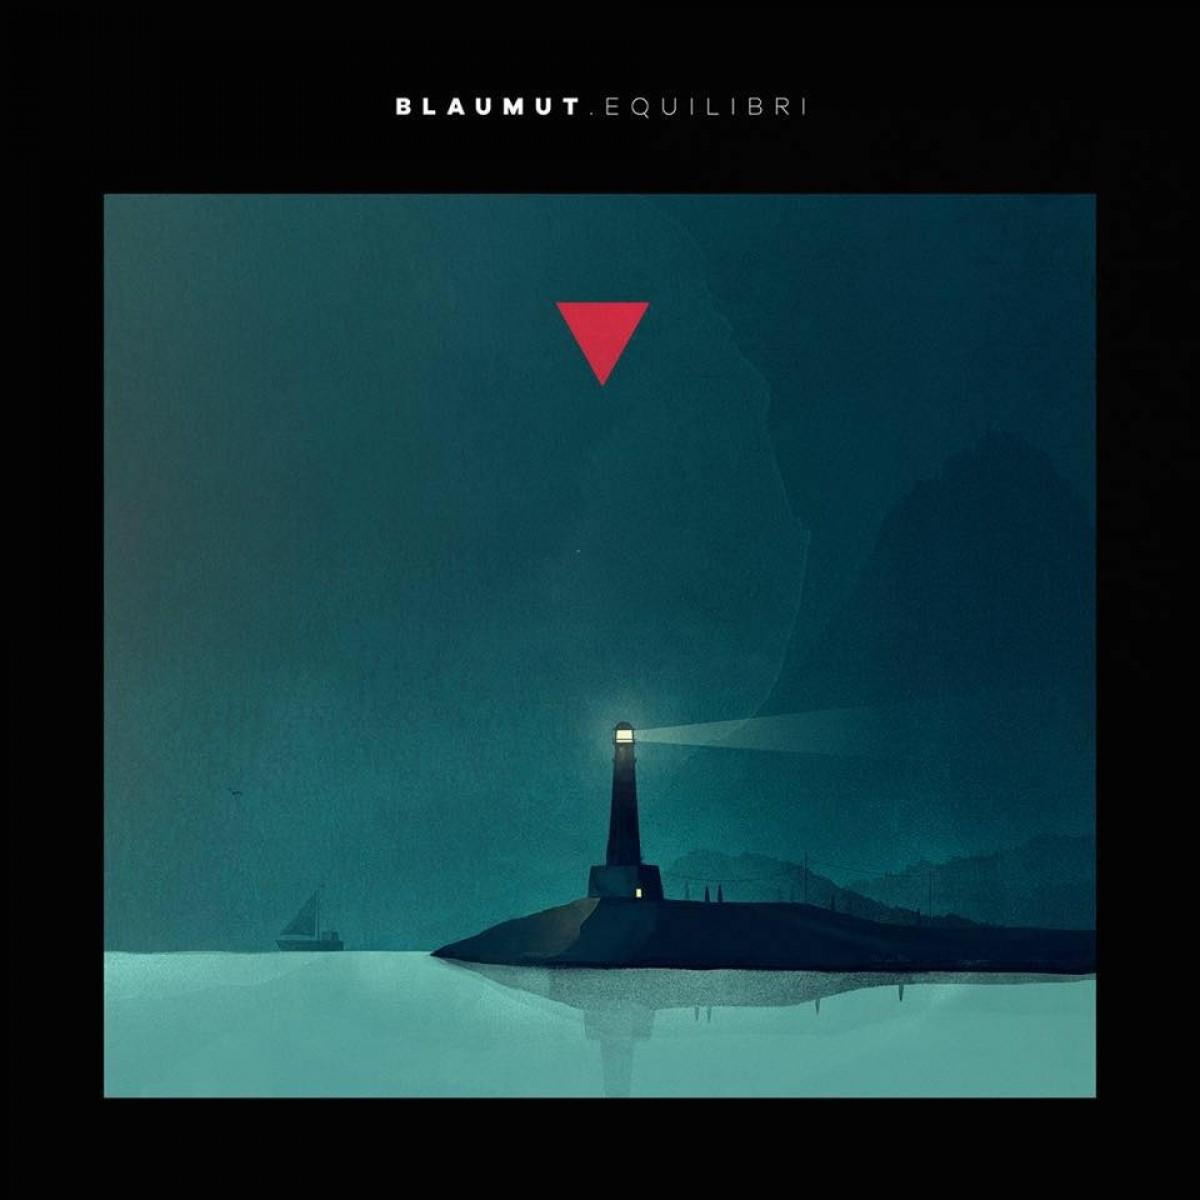 Portada d'«Equilibri» de Blaumut